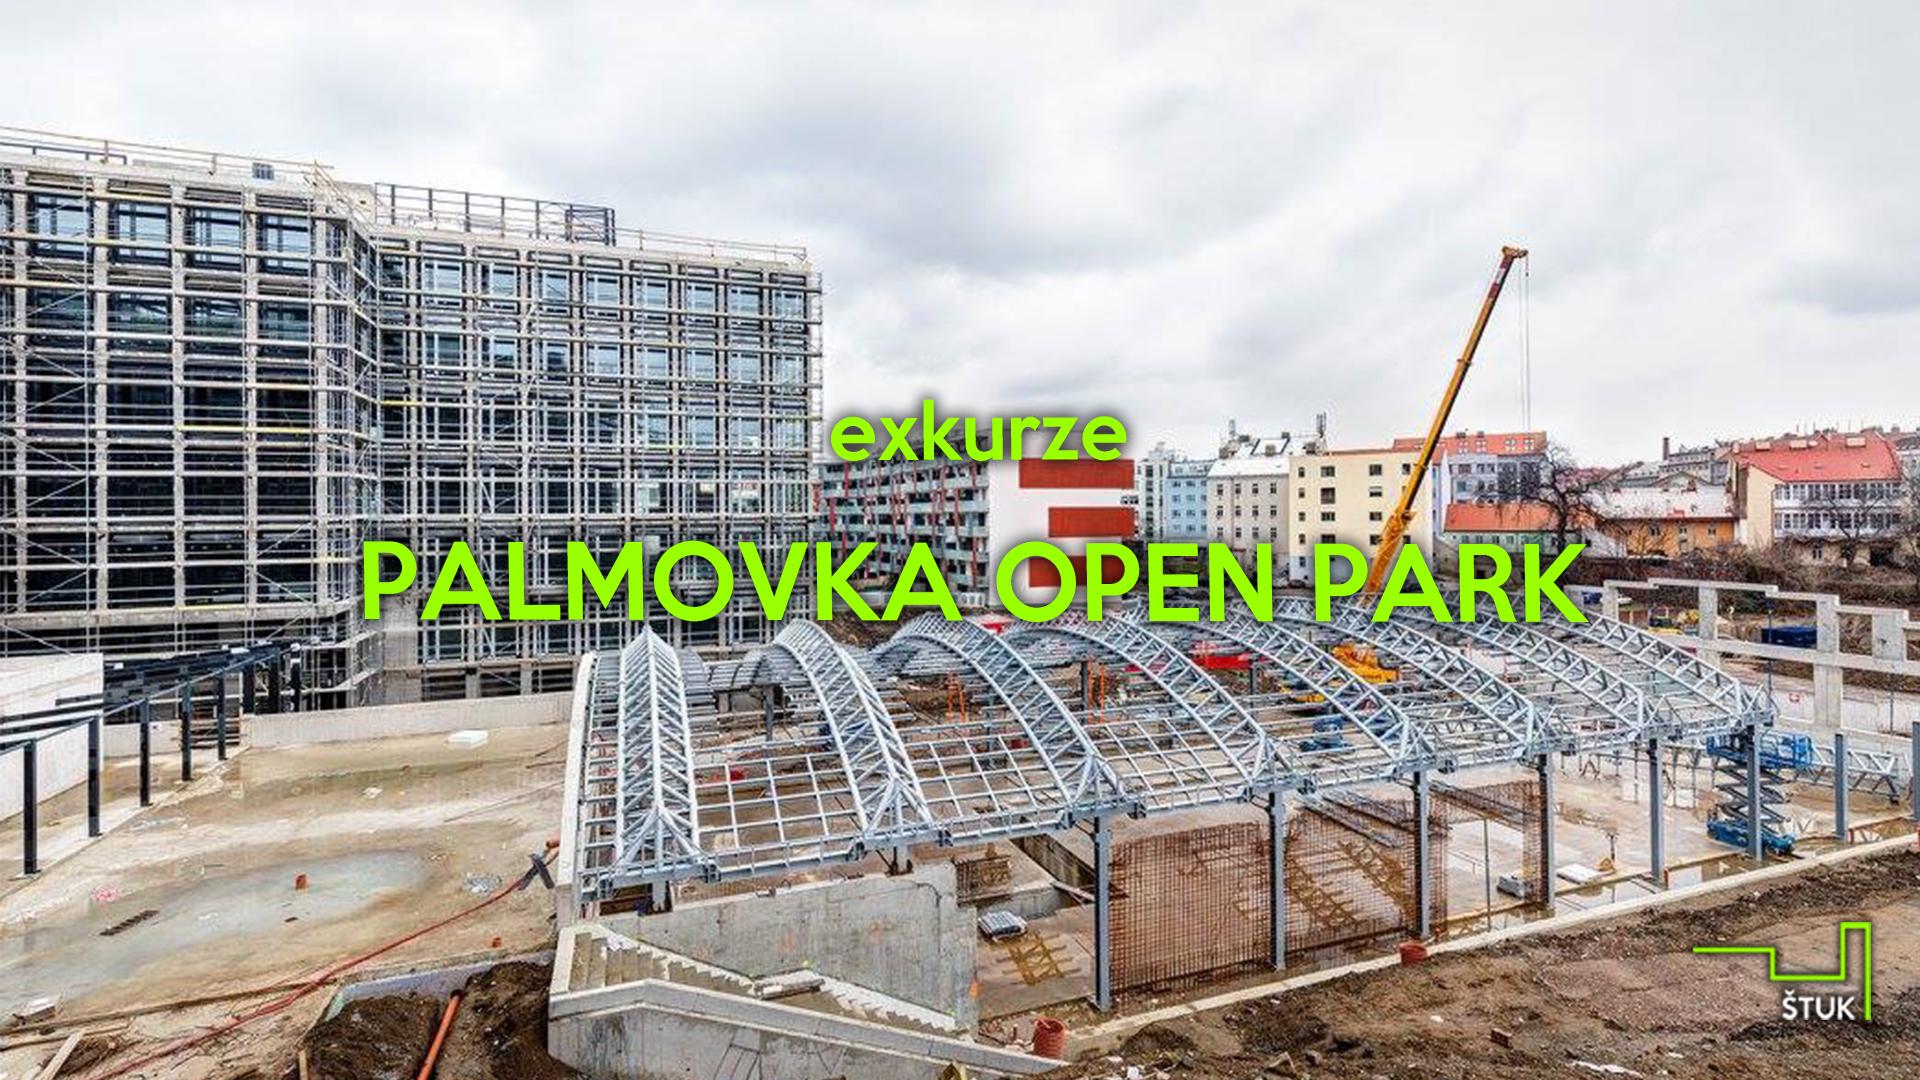 palmovka open park facebook titulka